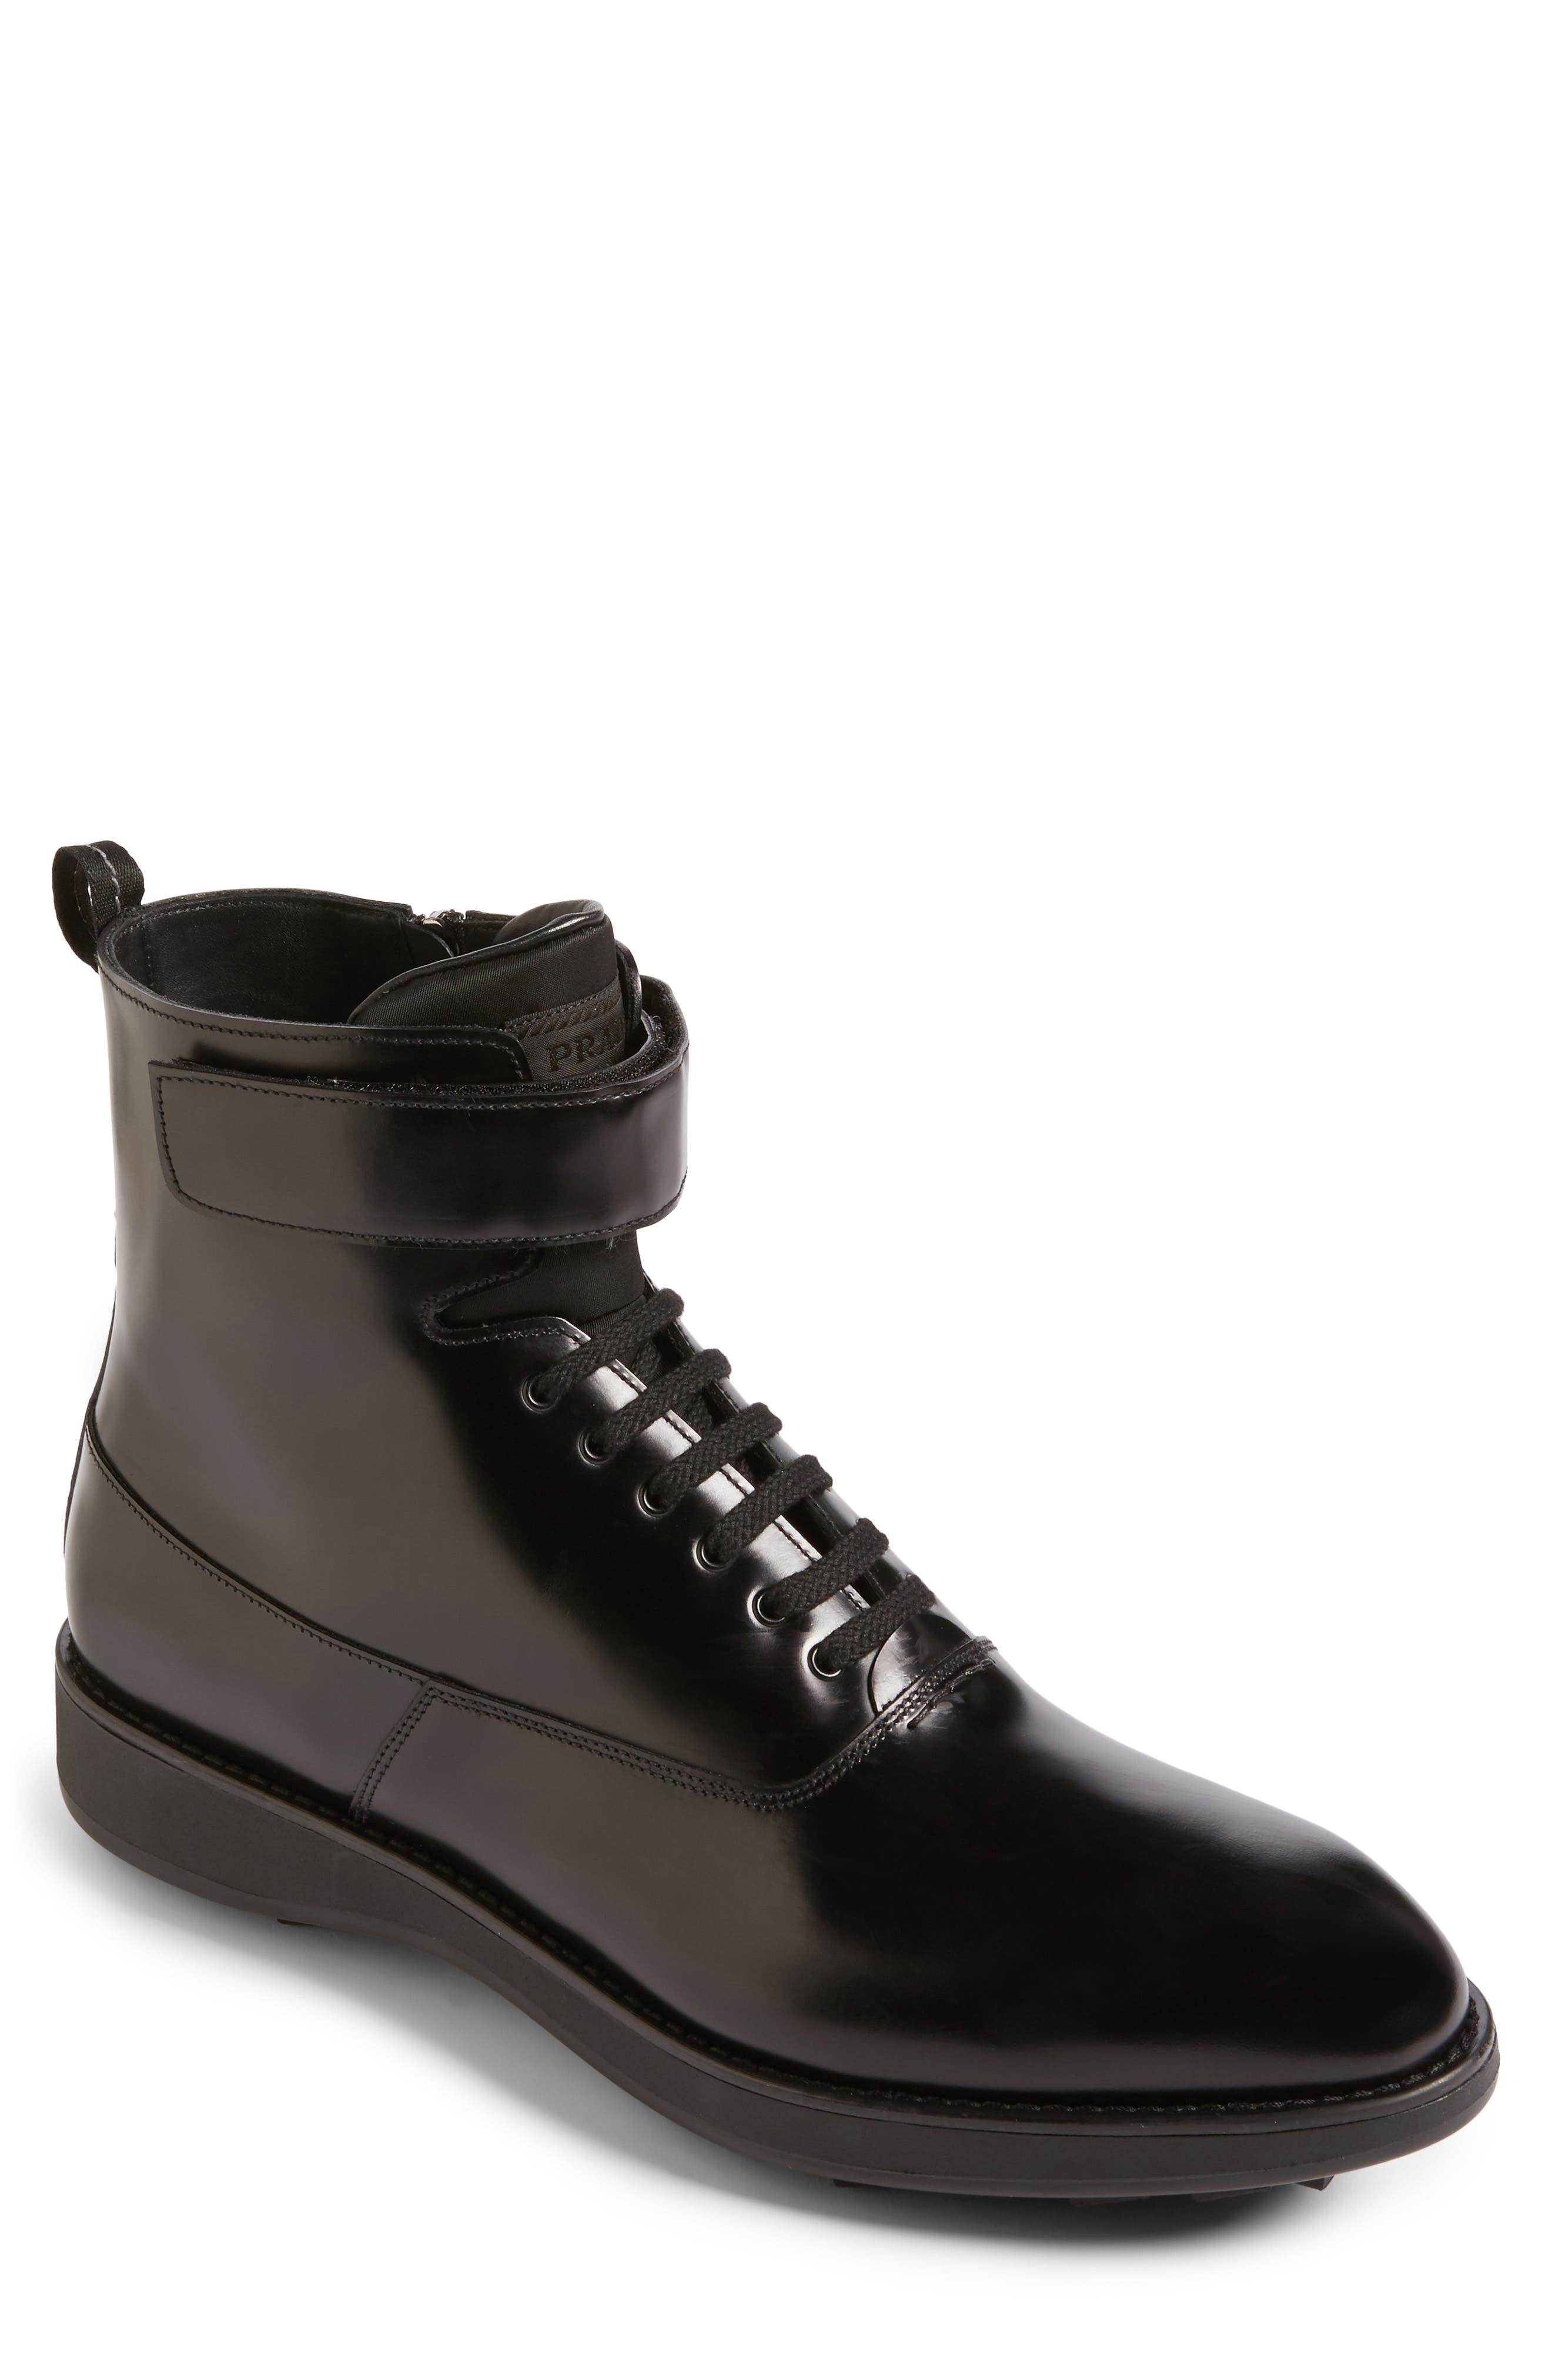 Alternate Image 1 Selected - Prada Plain Toe Boot (Men)